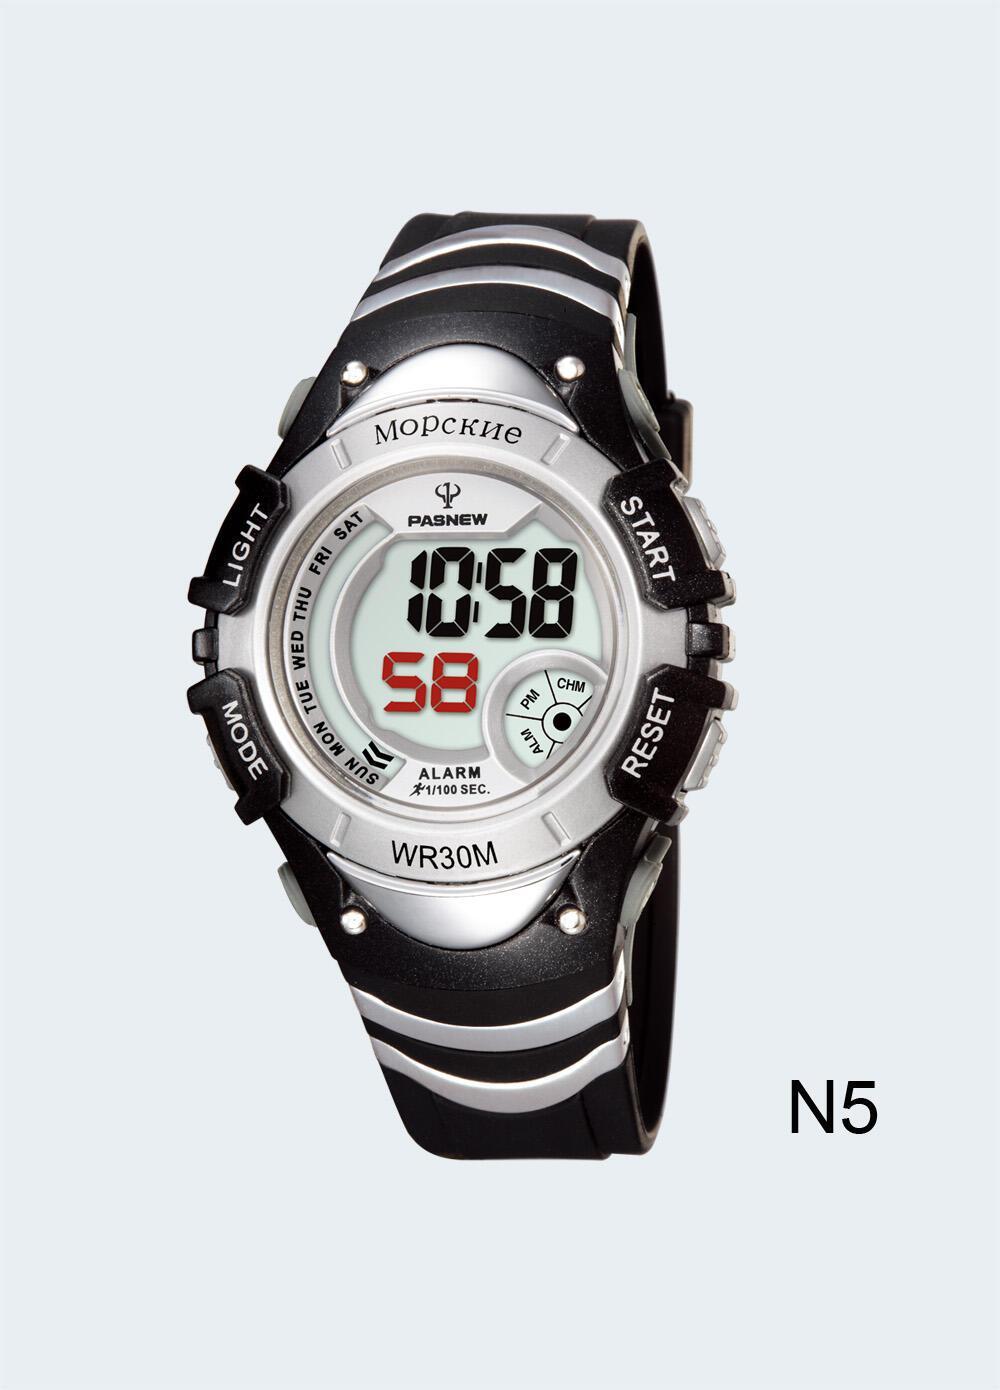 Đồng hồ thể thao điện tử PASNEW PSE-308GB